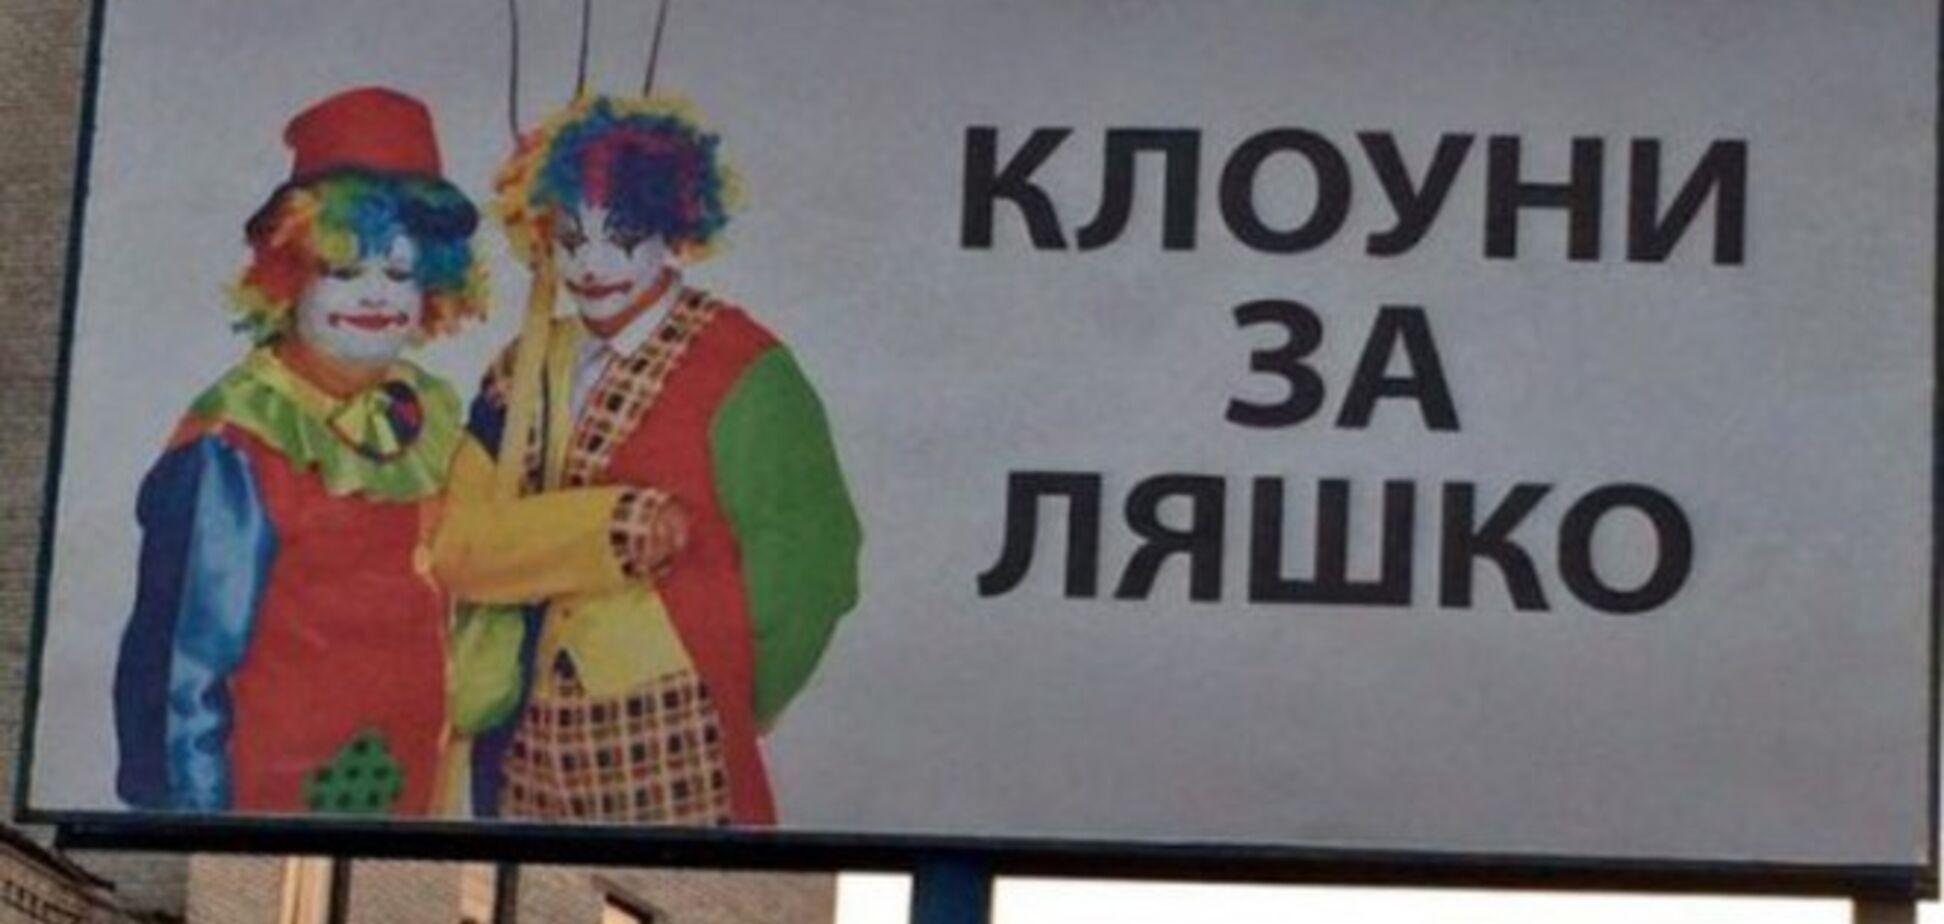 Реклама 'Клоуны за Ляшко' рассмешила киевскую милицию